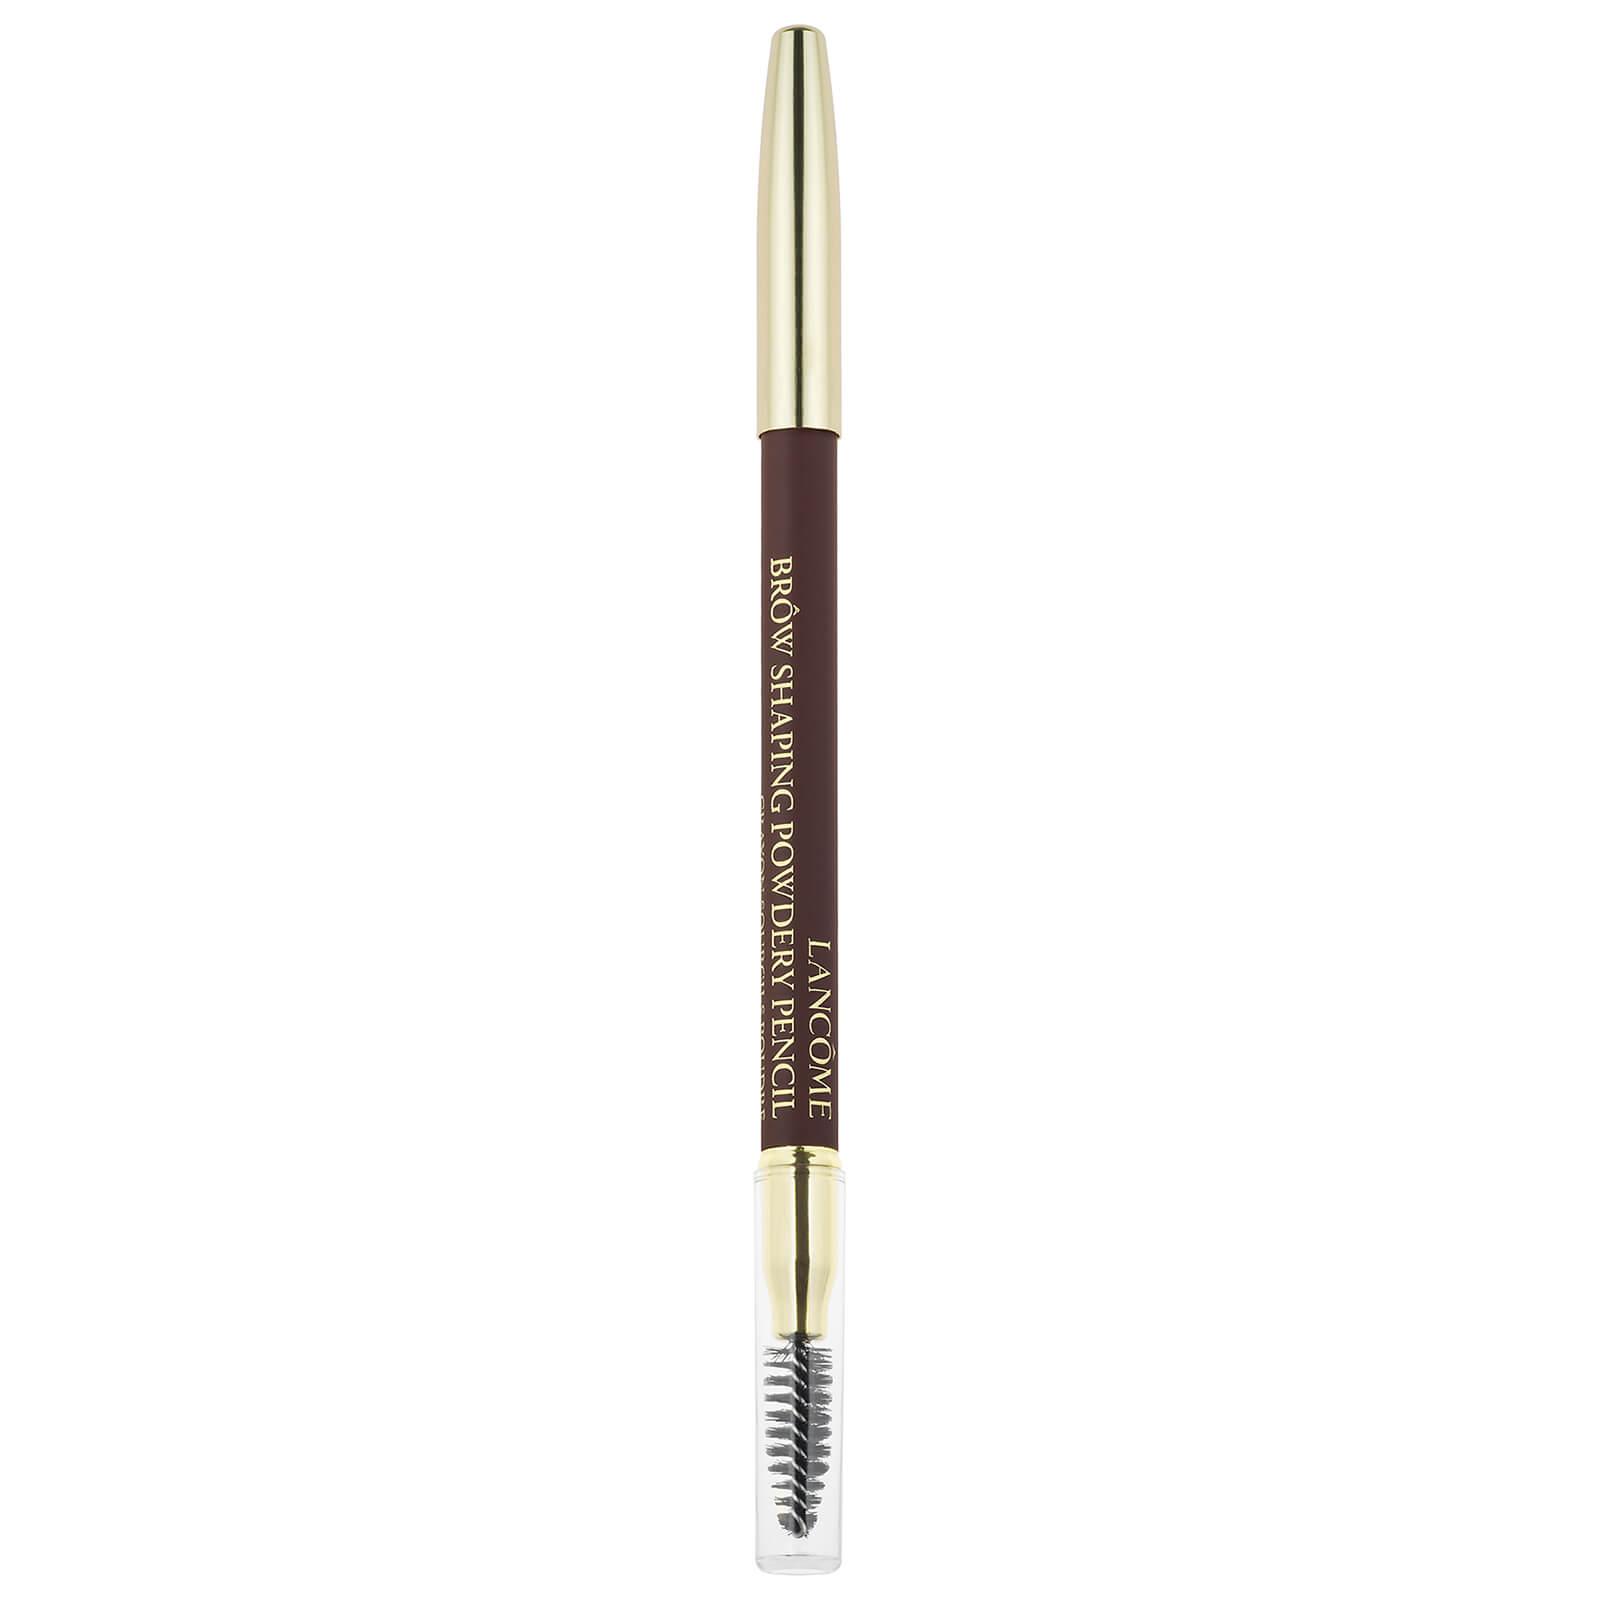 Lancôme Crayon Lancôme Brôw Shaping Powdery 1,19g (nuances variées) - 07 Chocolate